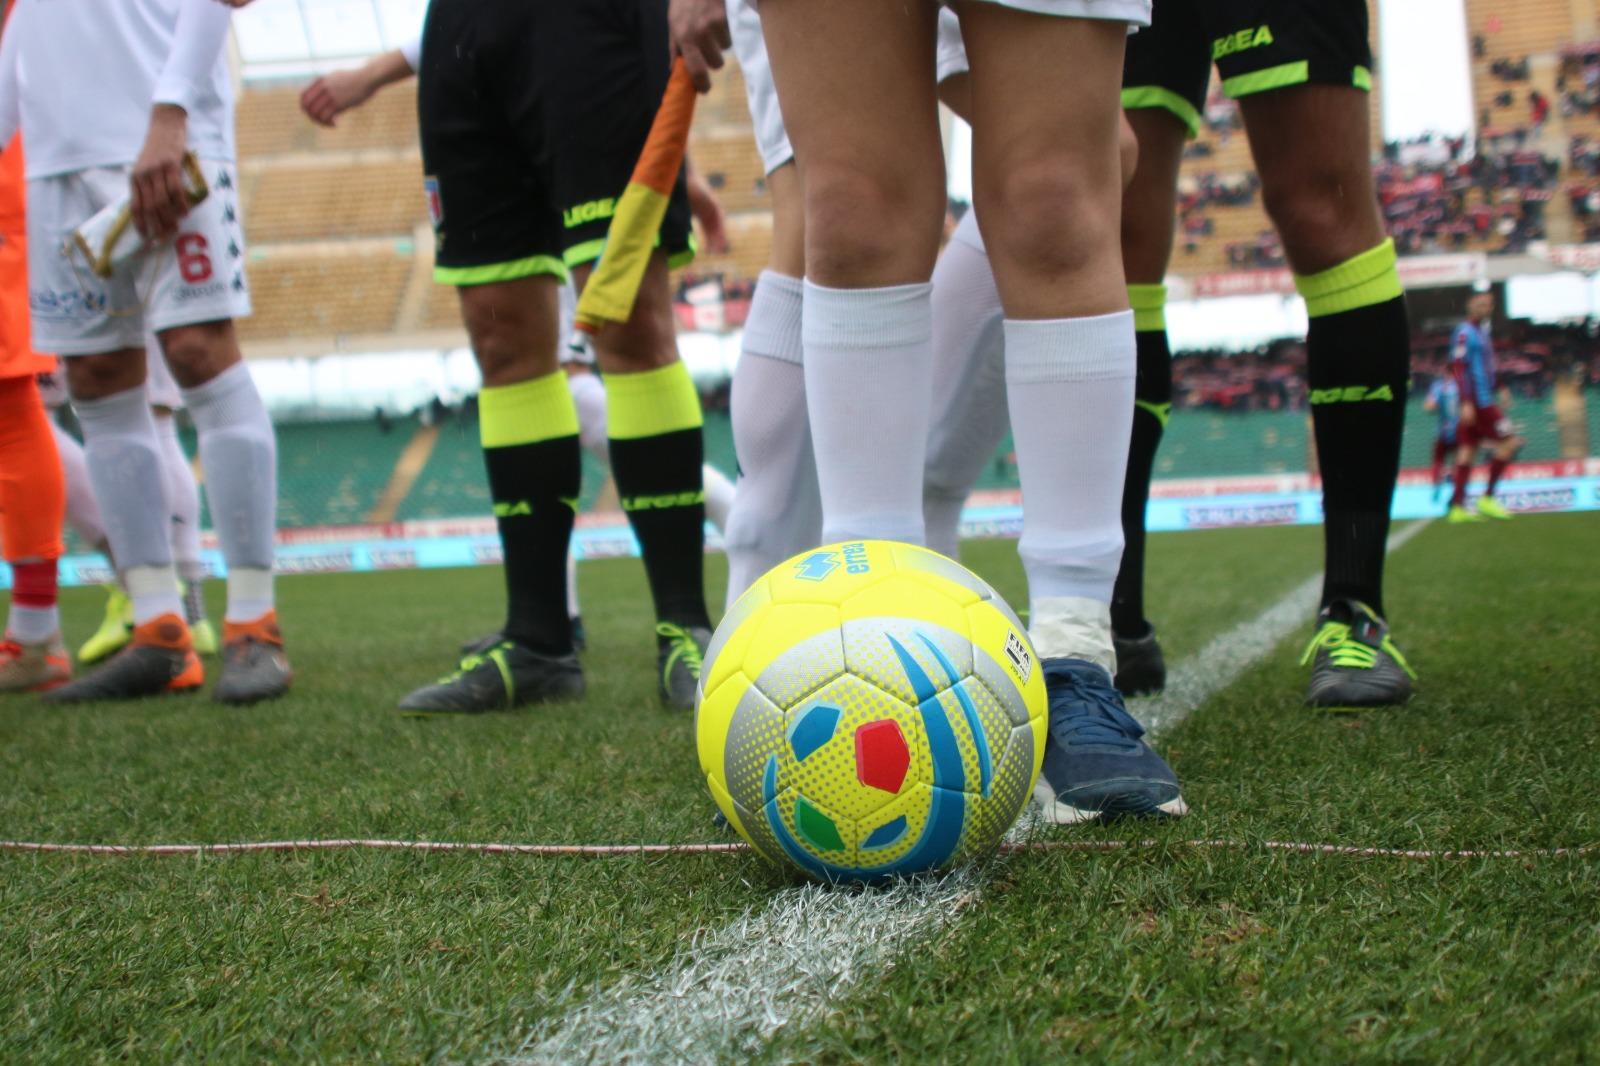 Serie C La Lega Pro Ricorda Davide Astori La Prossima Giornata Sara Dedicata A Lui La Bari Calcio